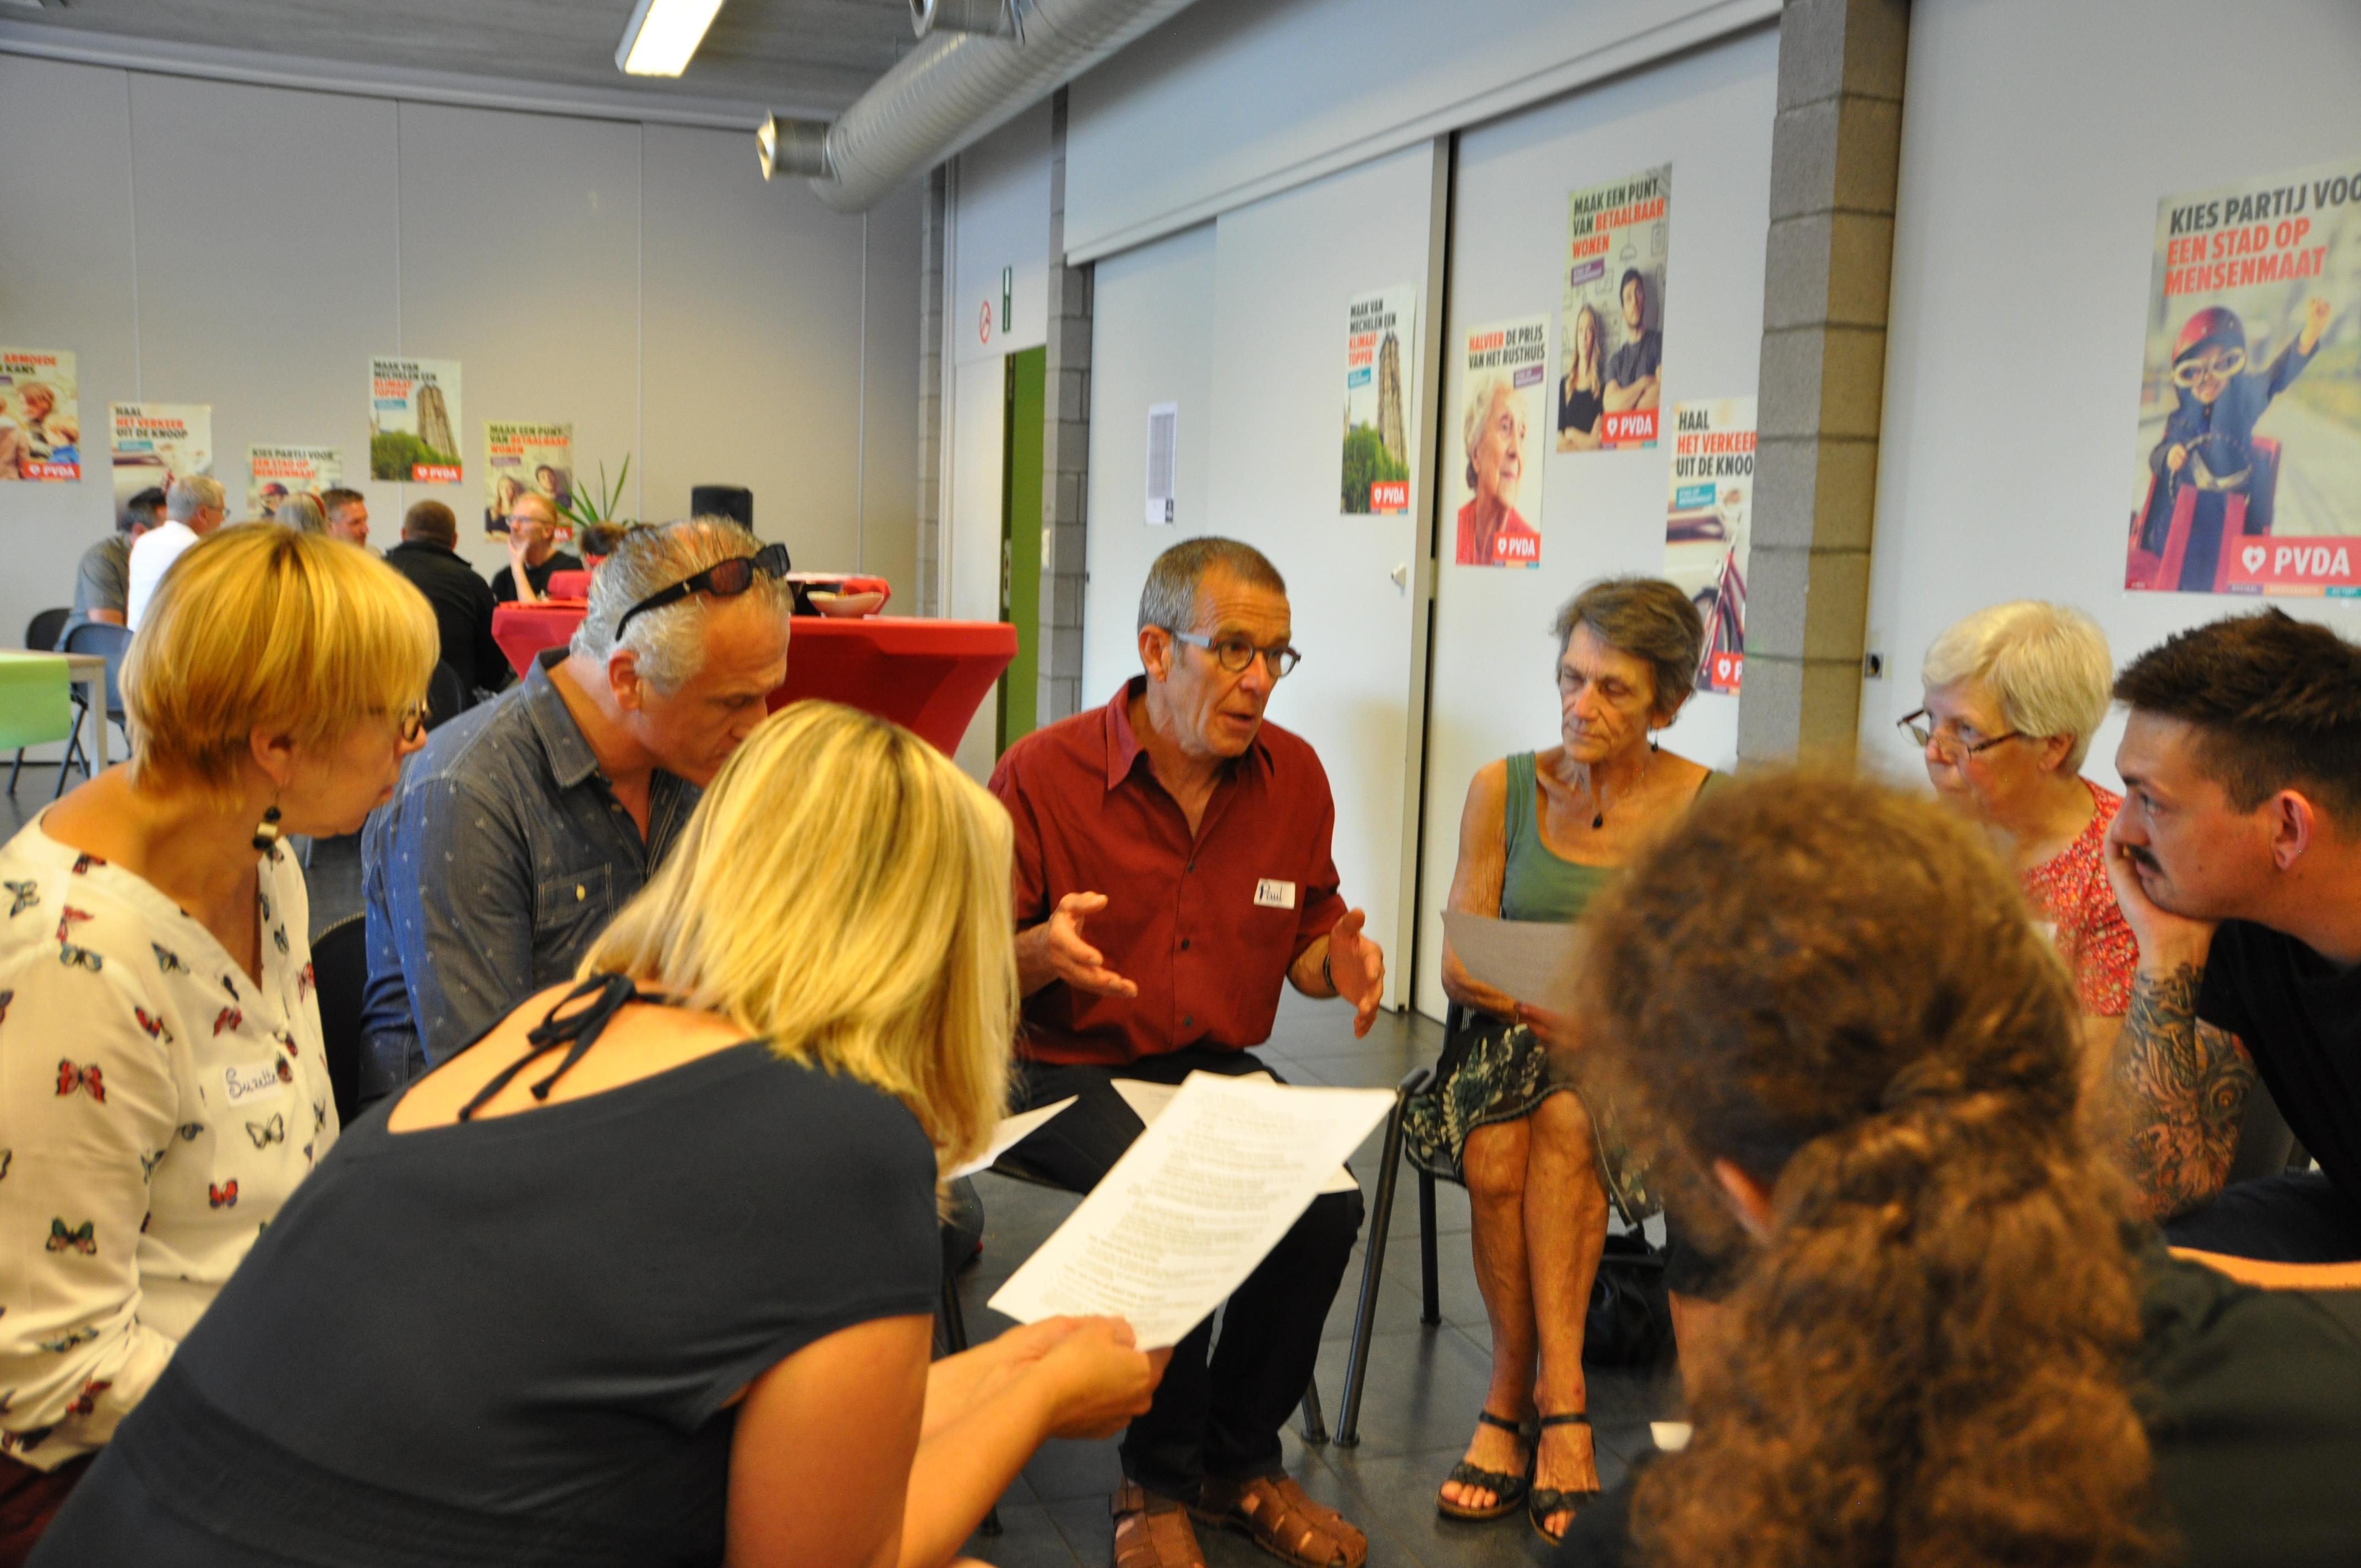 Paul Van Aelst stelt het programma rond mobiliteit en groene stad voor.